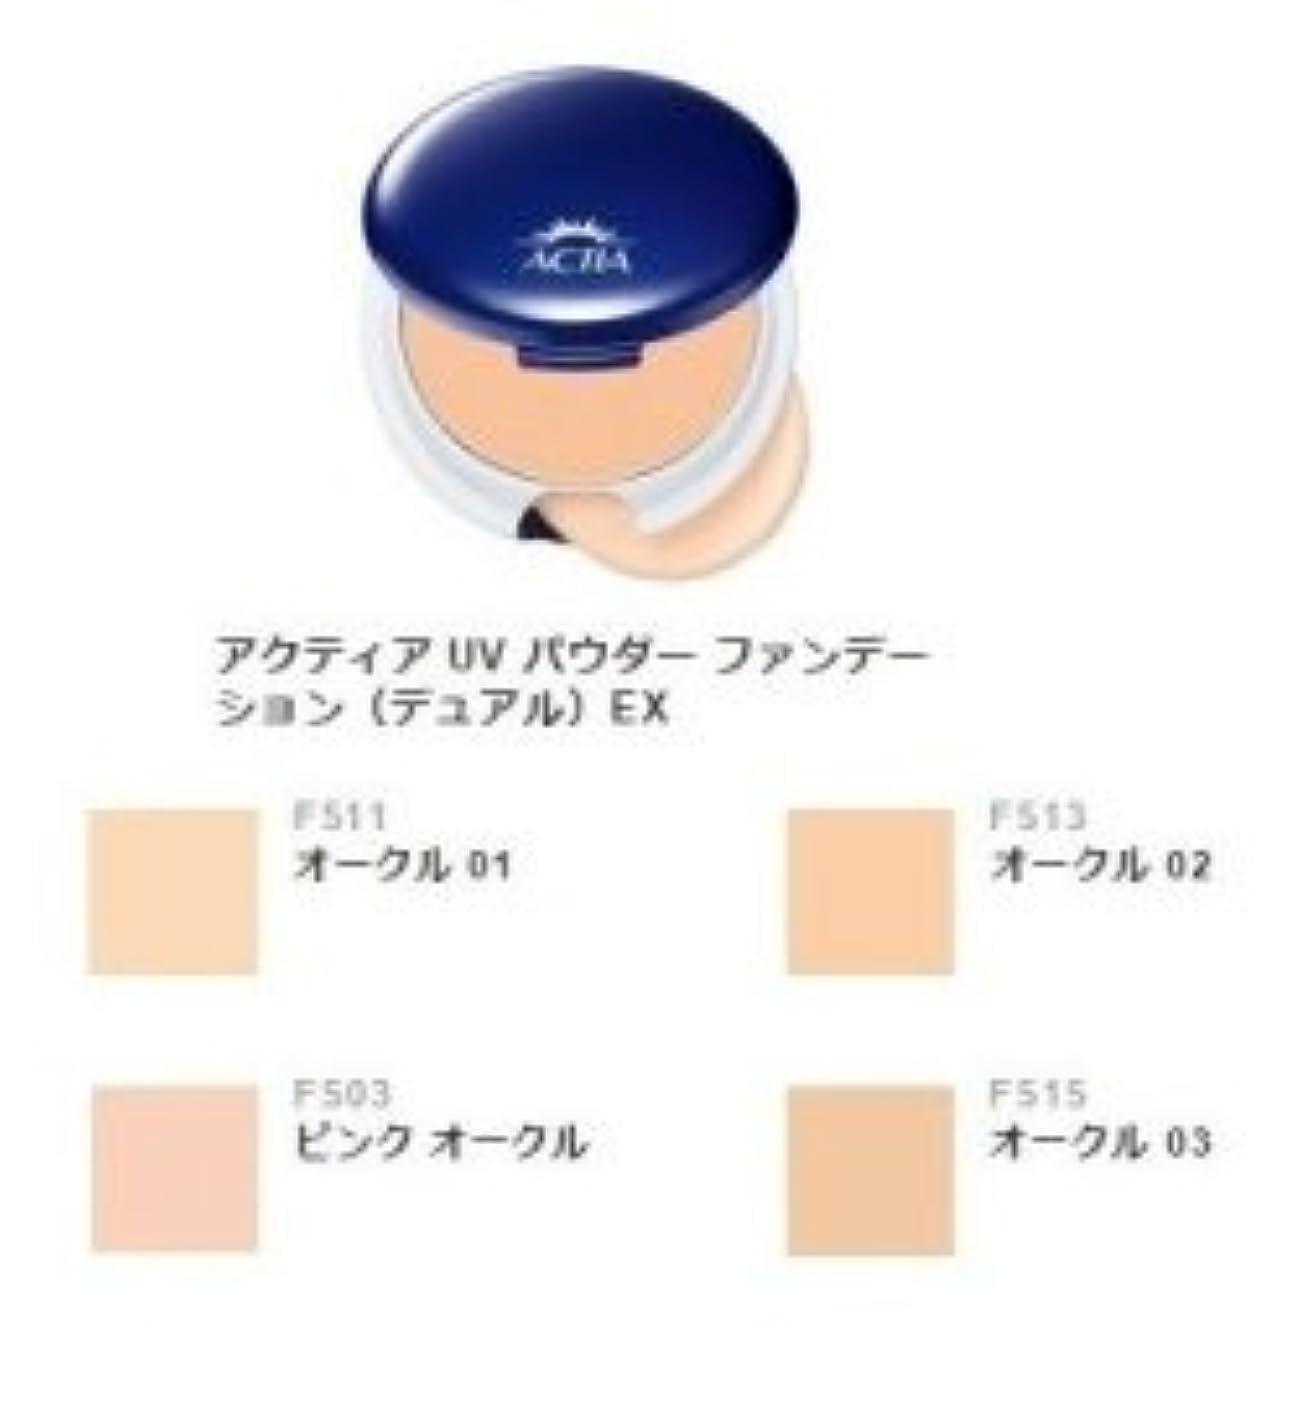 ストレッチ男共和党エイボン(AVON) アクティア UV パウダーファンデーション(デュアル)EX(リフィル)F515 オークル03